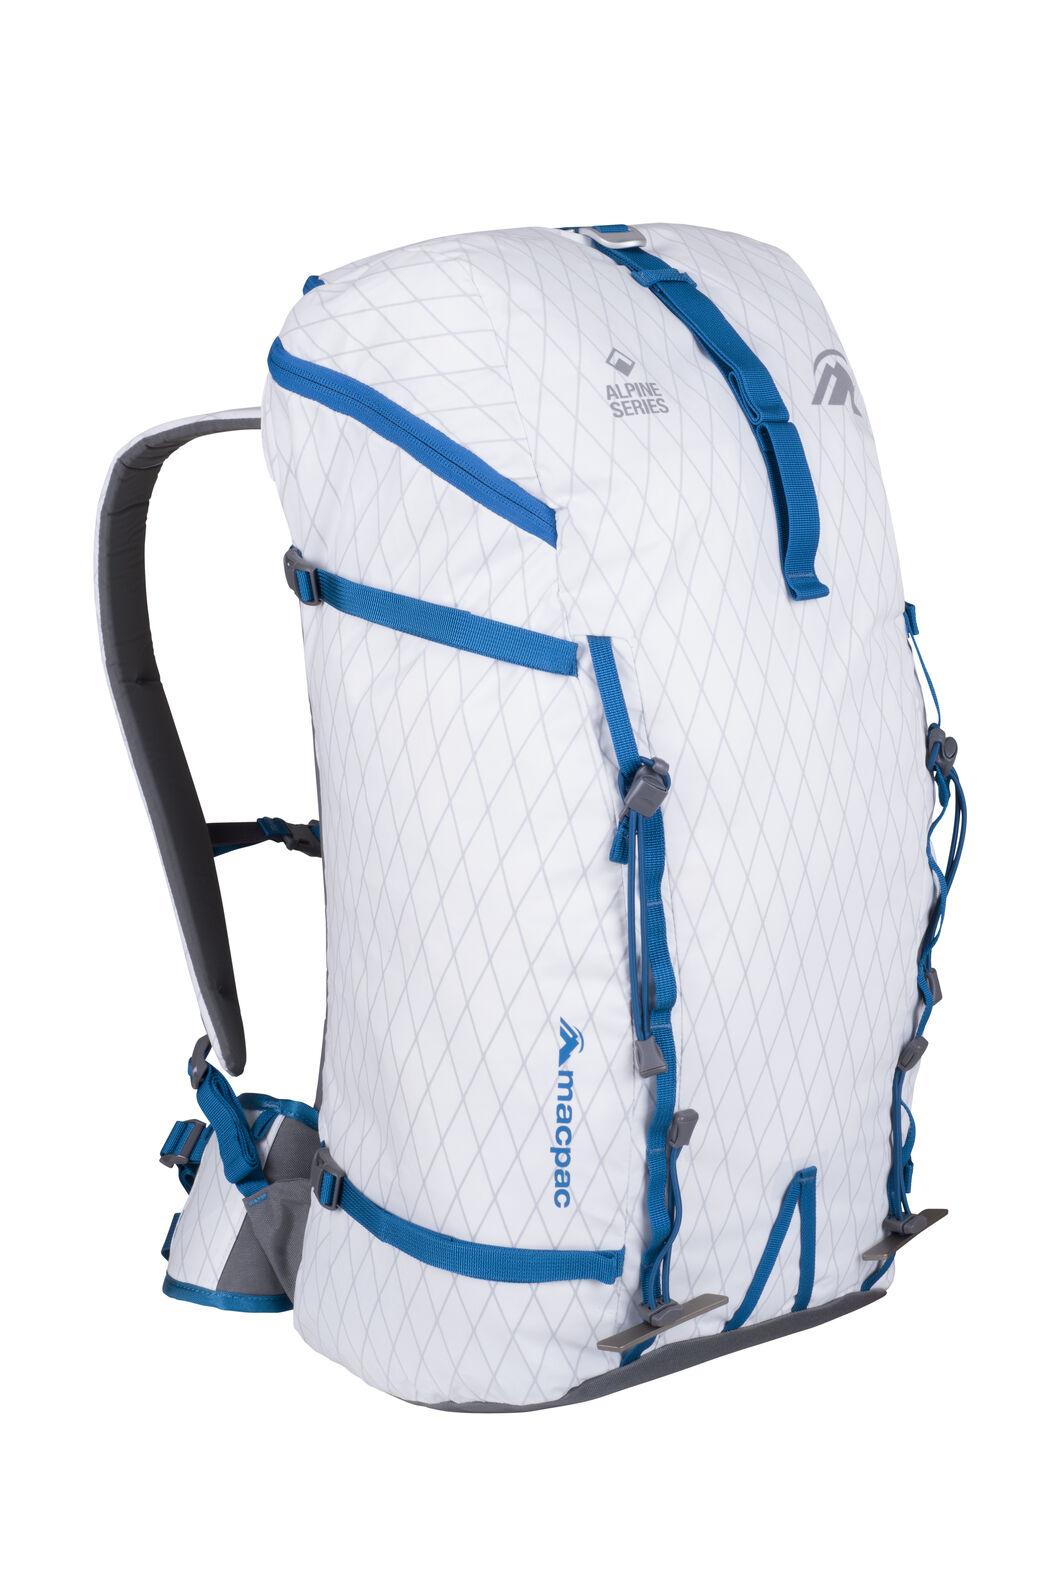 Macpac NZAT Pursuit 40L Pack, White, hi-res